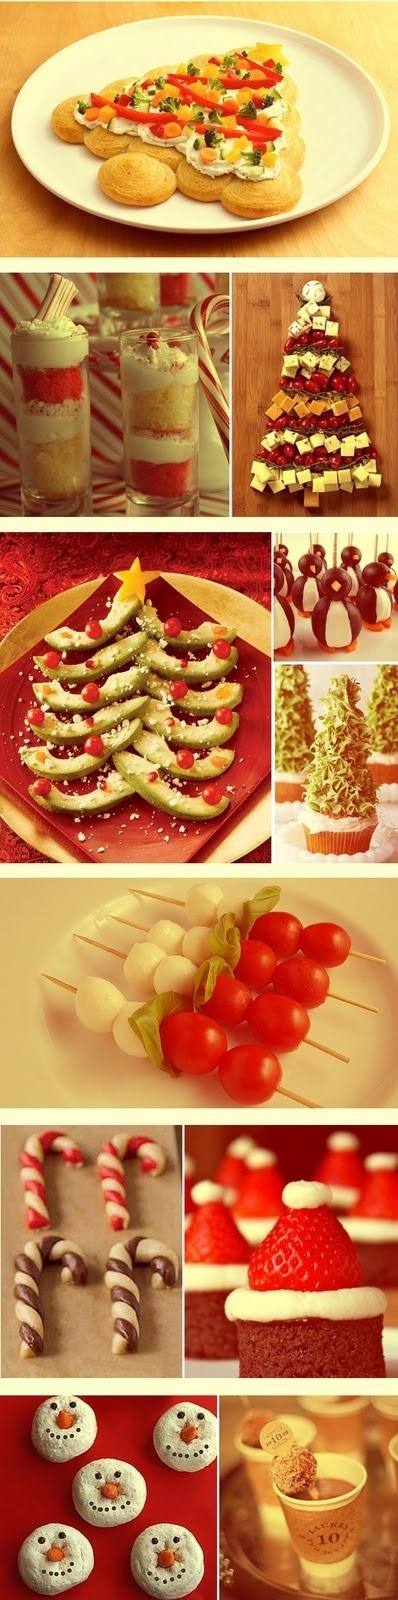 Christmas themed food